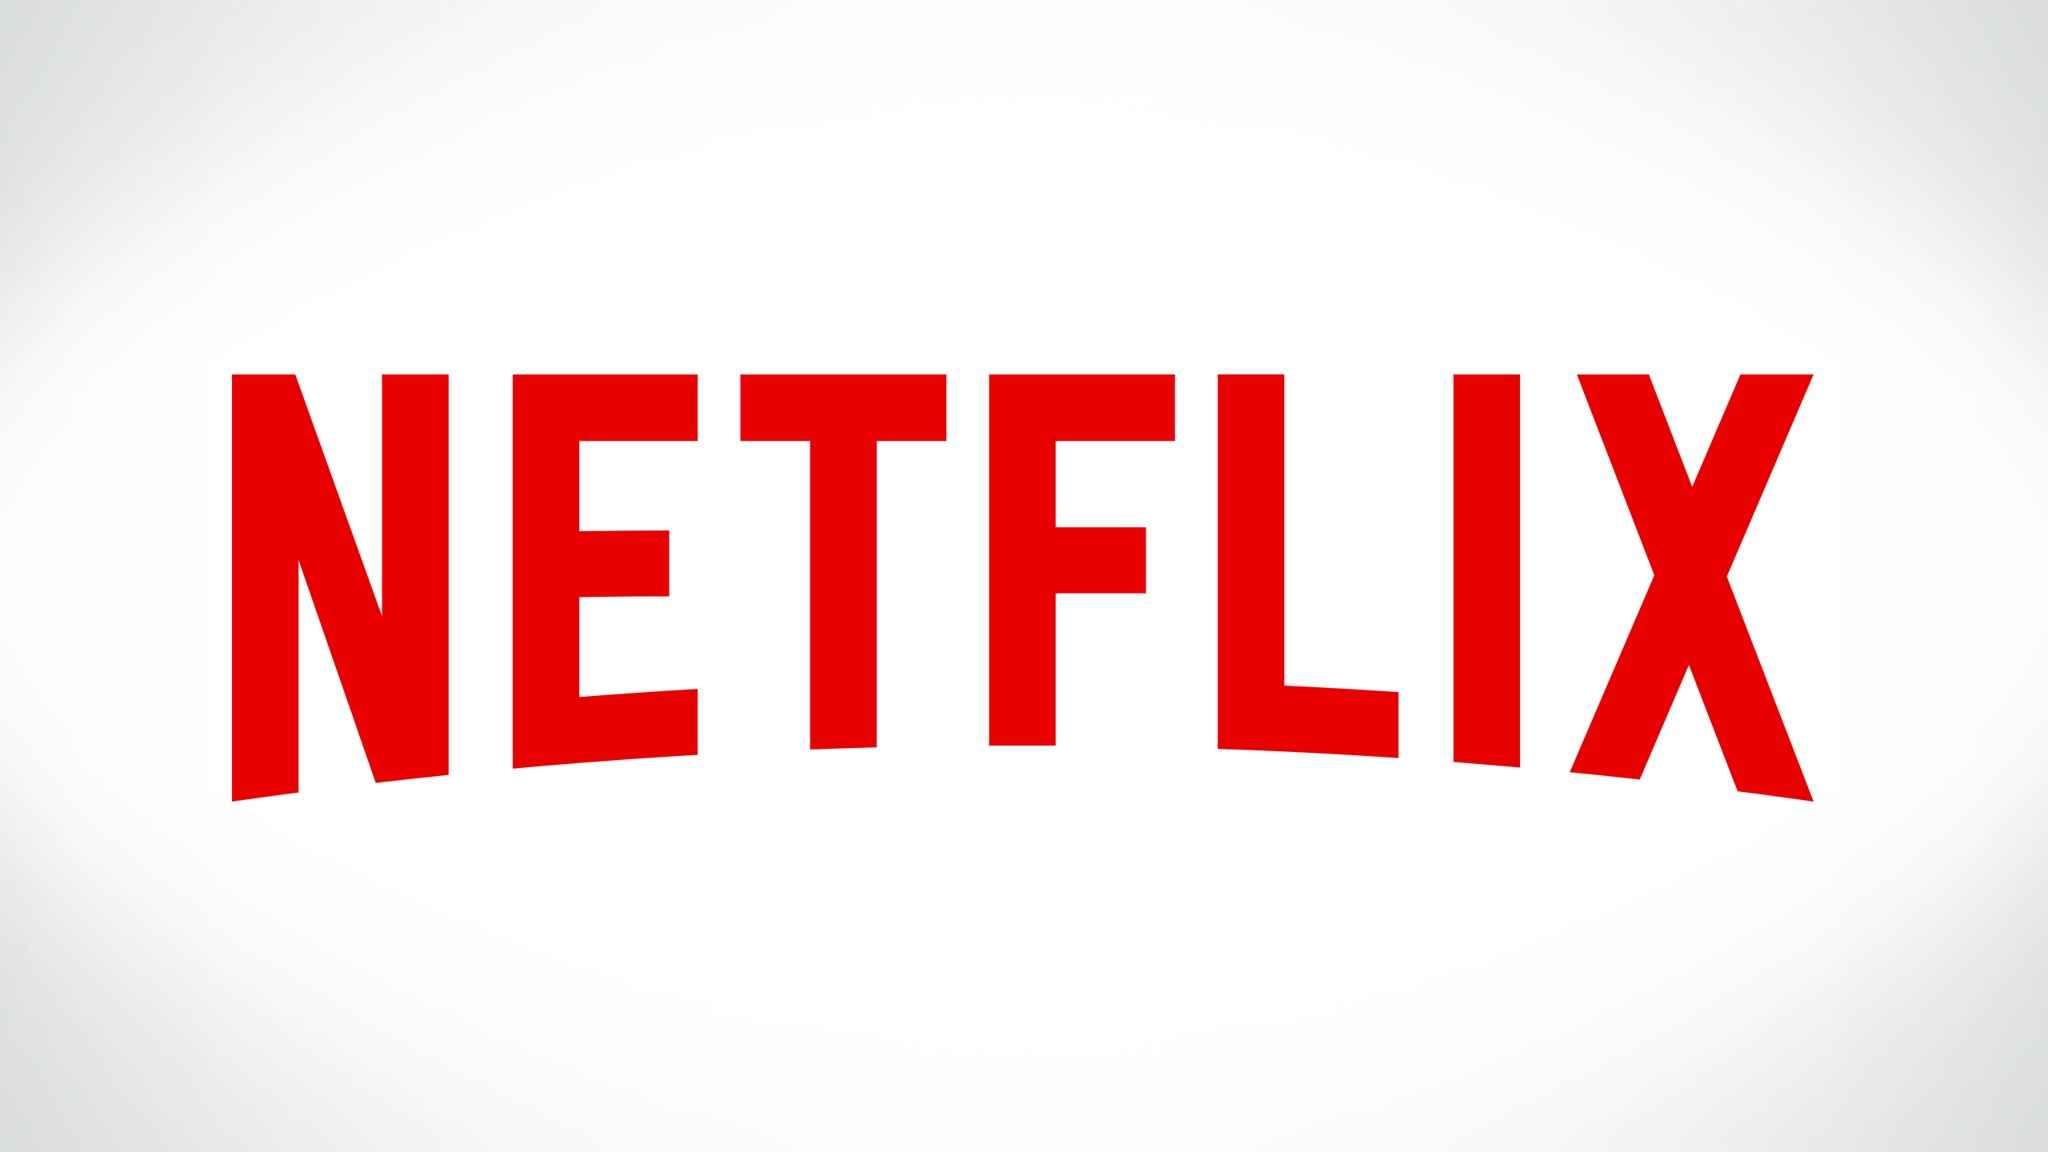 Kostenlose Netflix Premium-Konten und kostenlose Kontoerstellung 2019